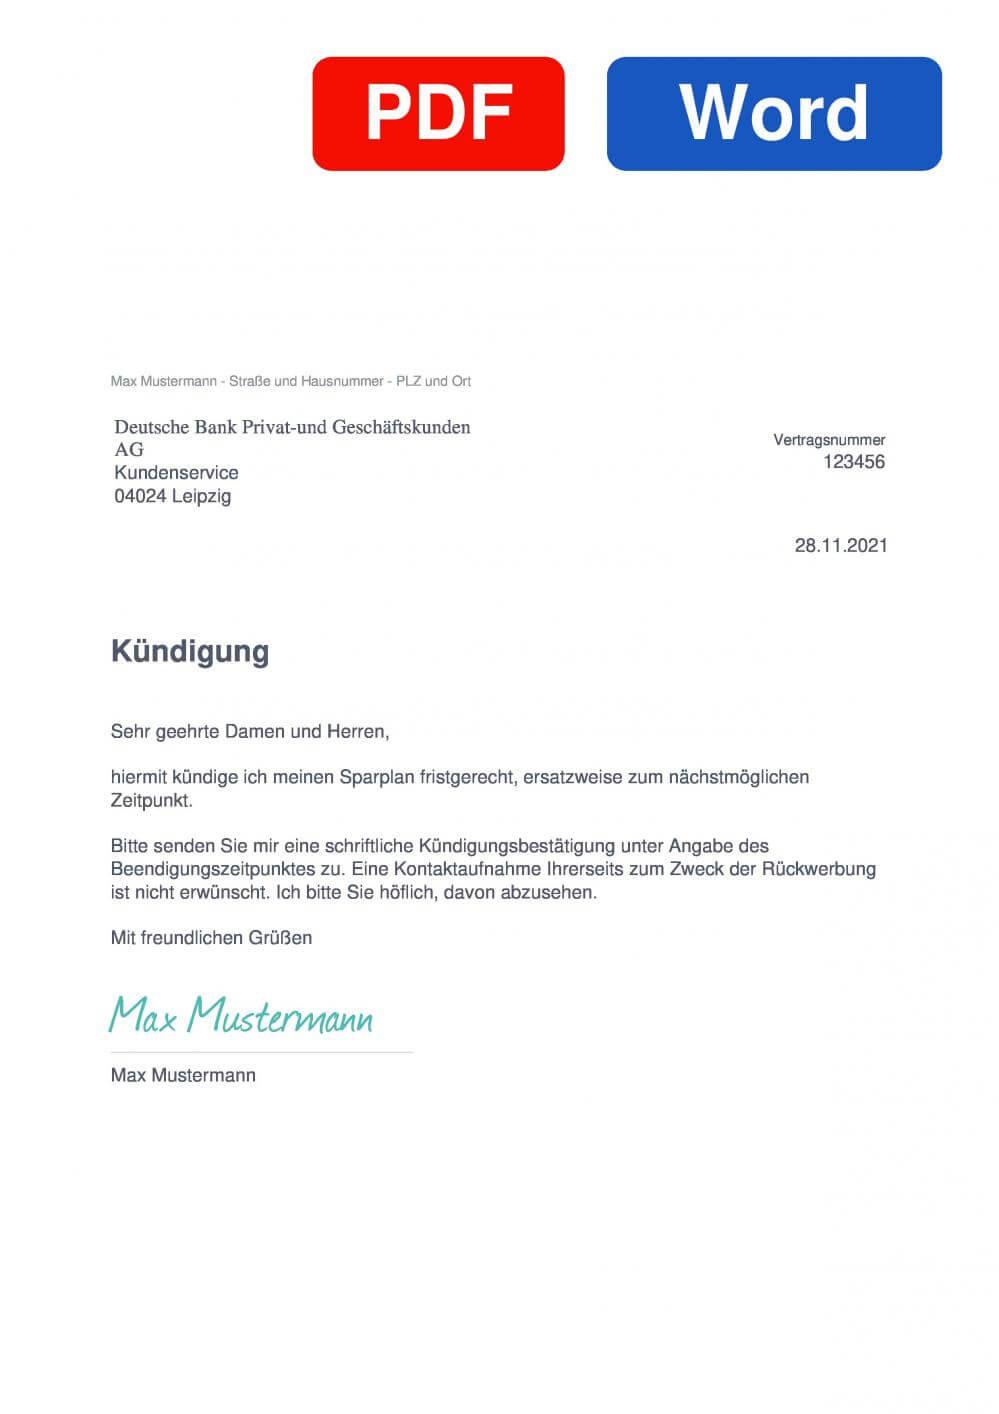 Deutsche Bank Sparplan Muster Vorlage für Kündigungsschreiben